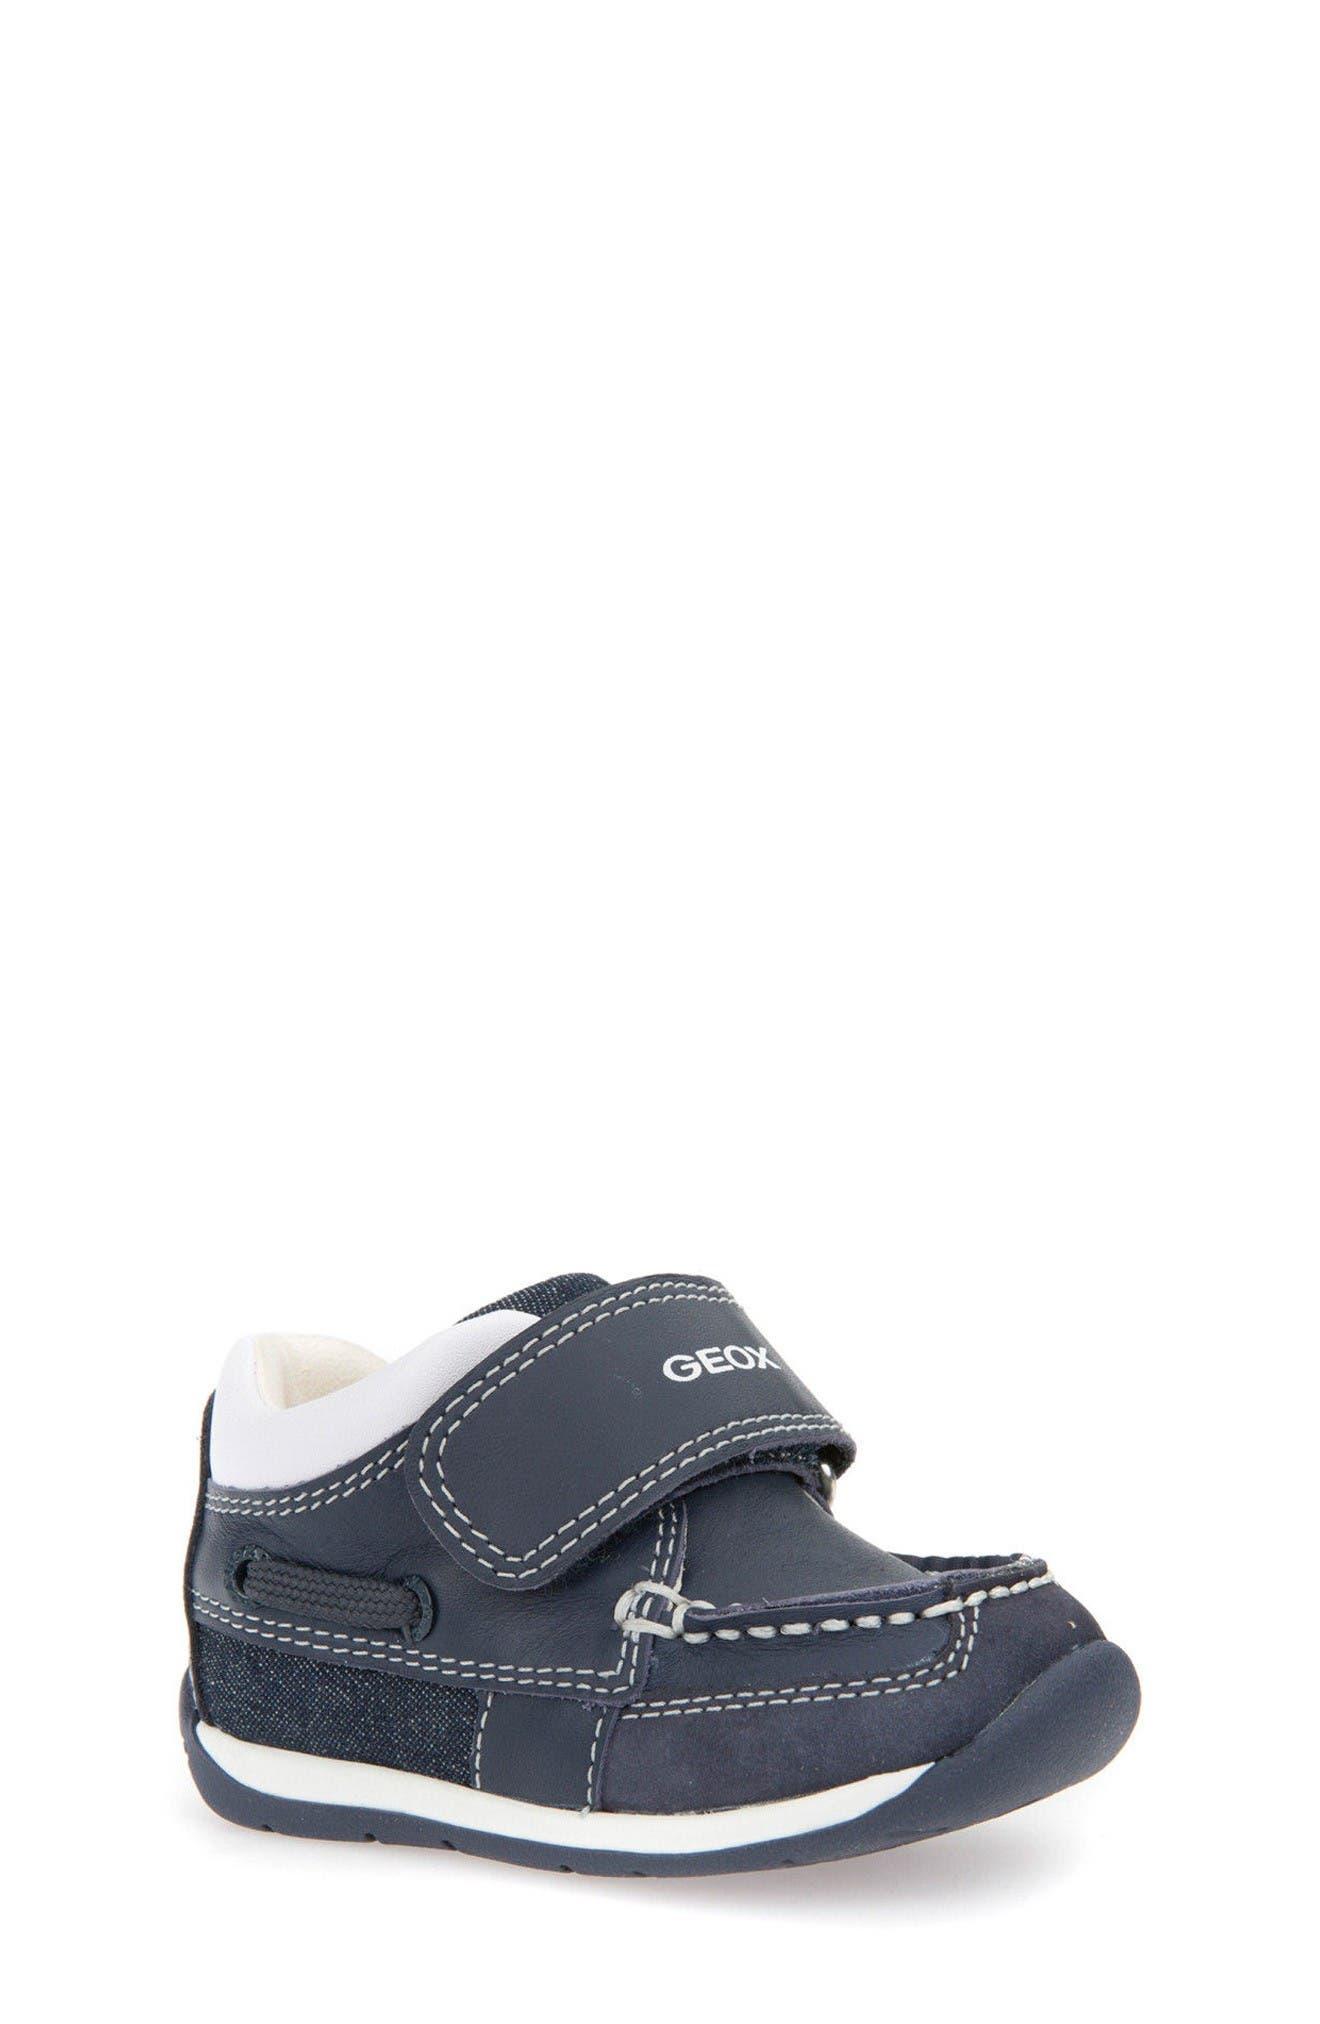 Alternate Image 1 Selected - Geox Beach Sneaker (Baby, Walker & Toddler)